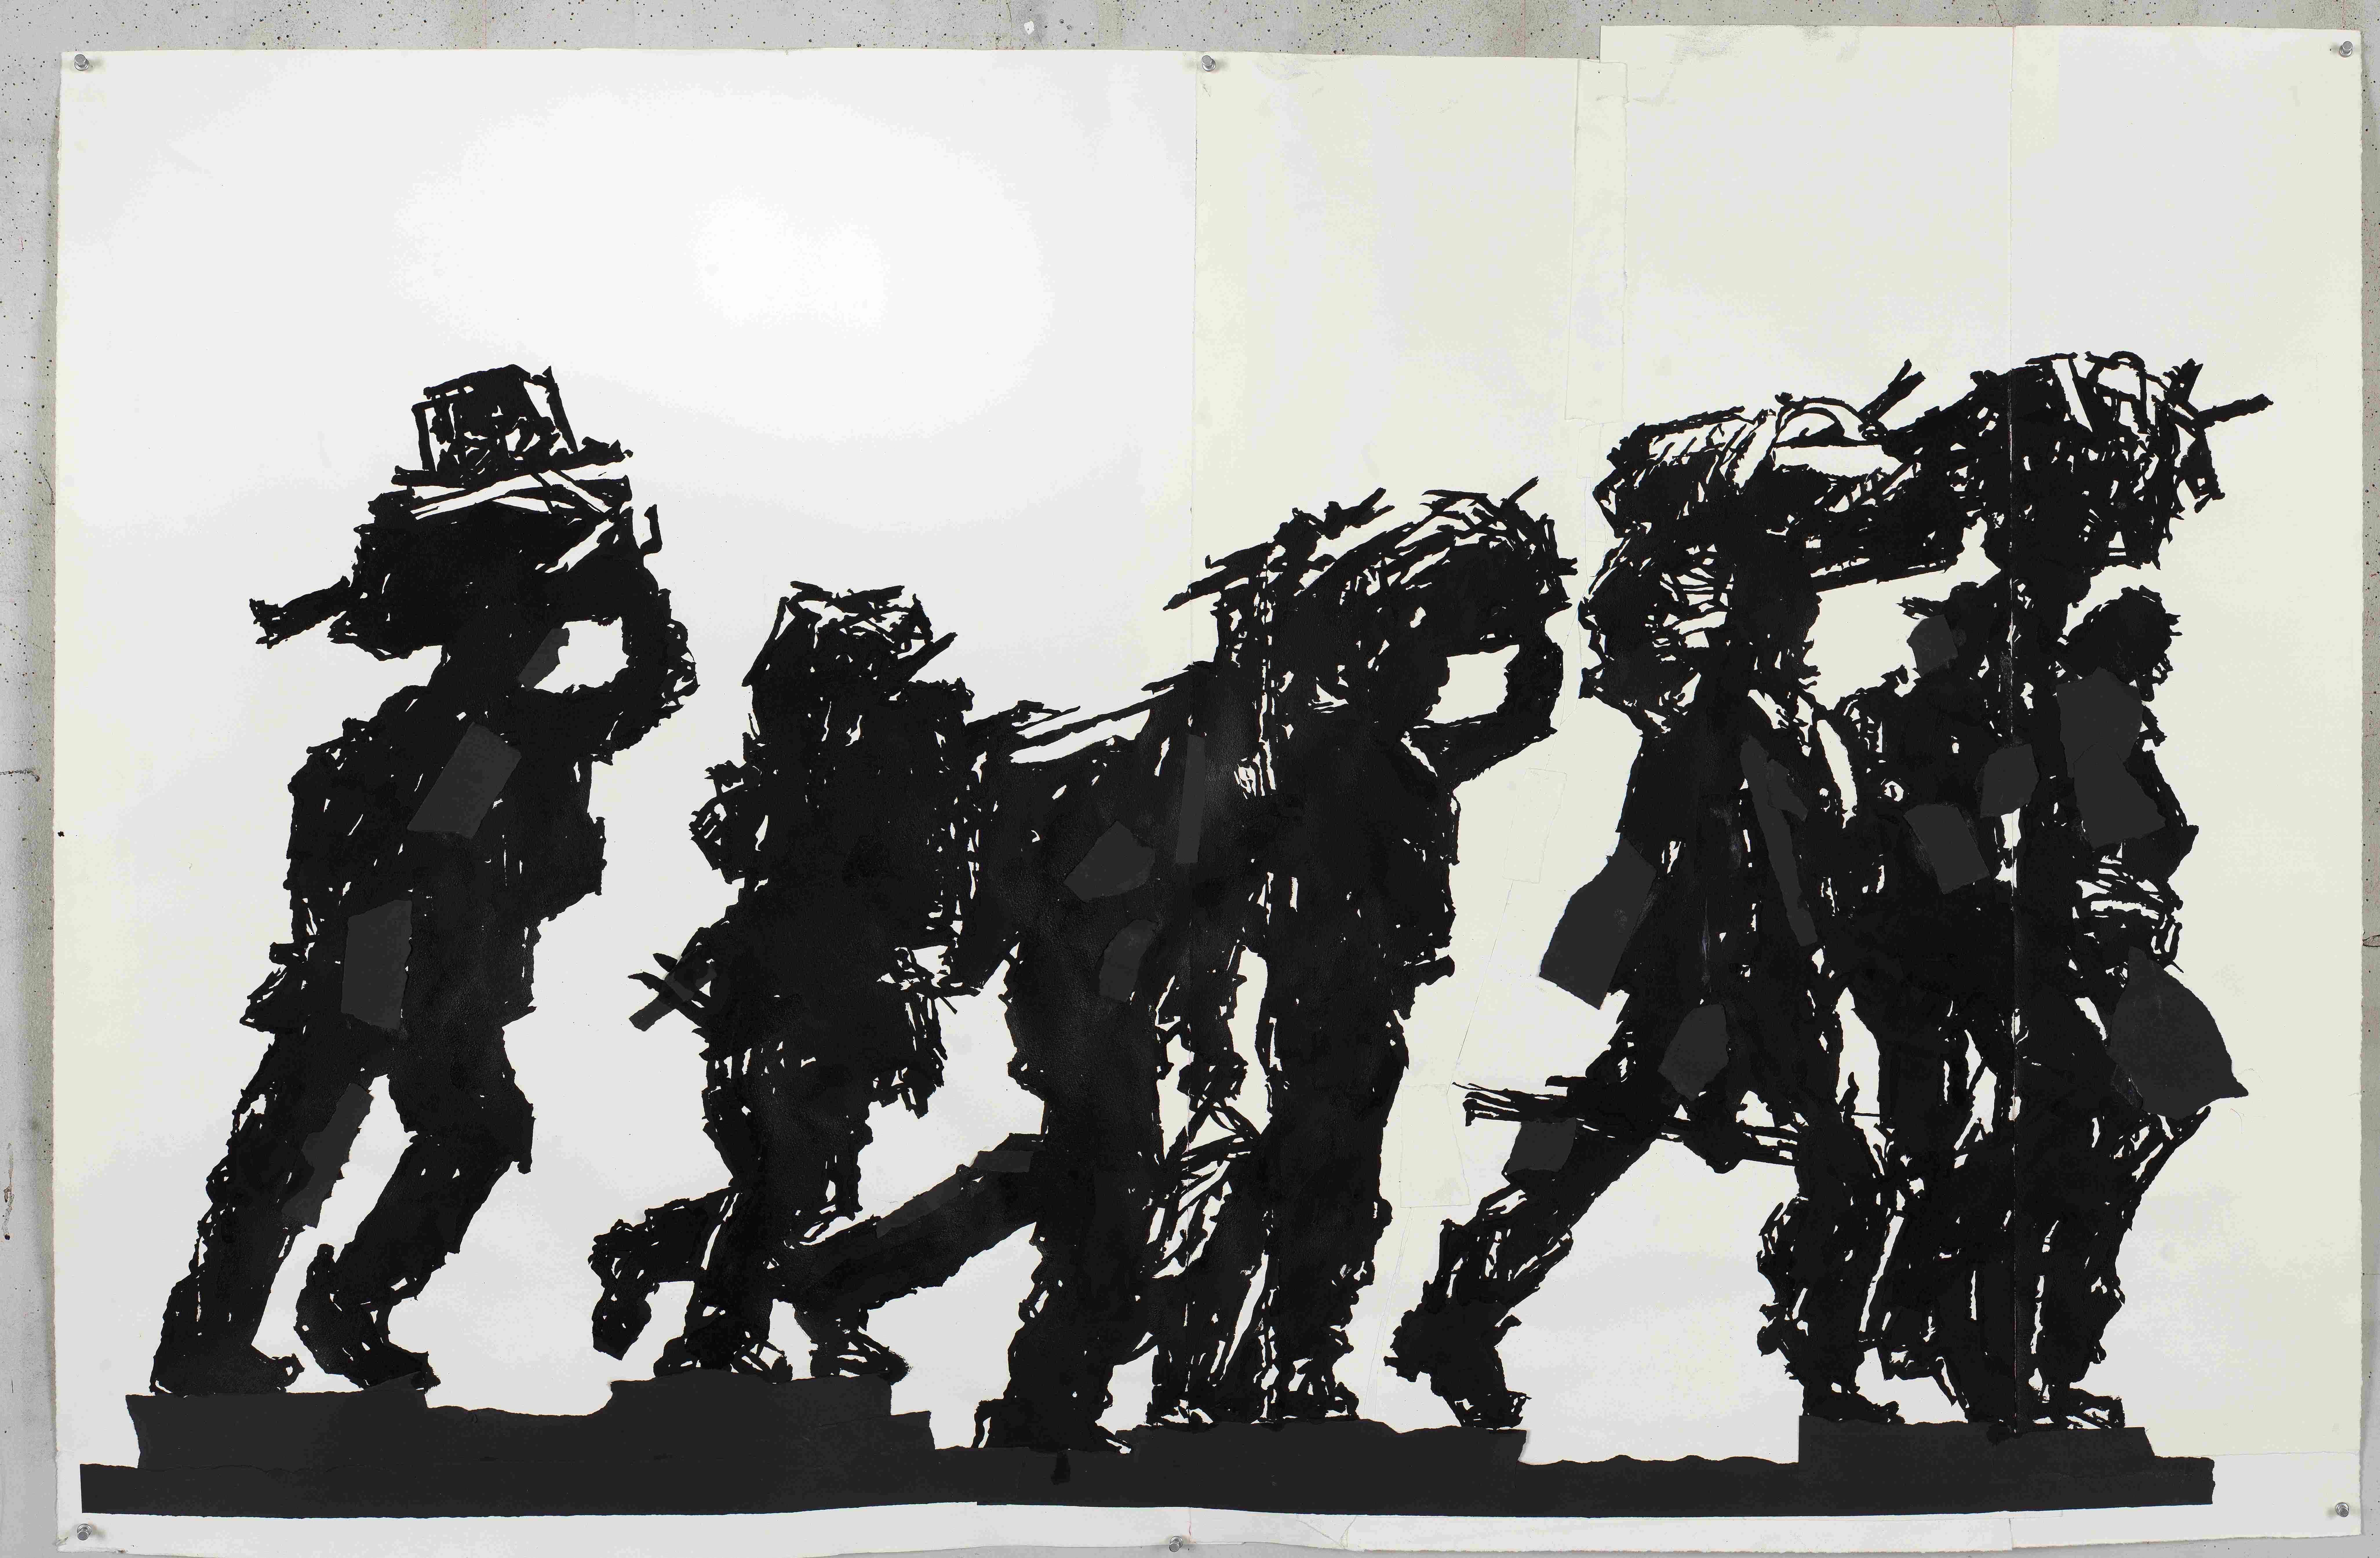 «A la croisée de différentes disciplines (opéra, film, performance), William Kentridge déploie un univers dessiné mouvant et musical, qui entrecroise histoires personnelles, sud-africaines et actualités internationales».